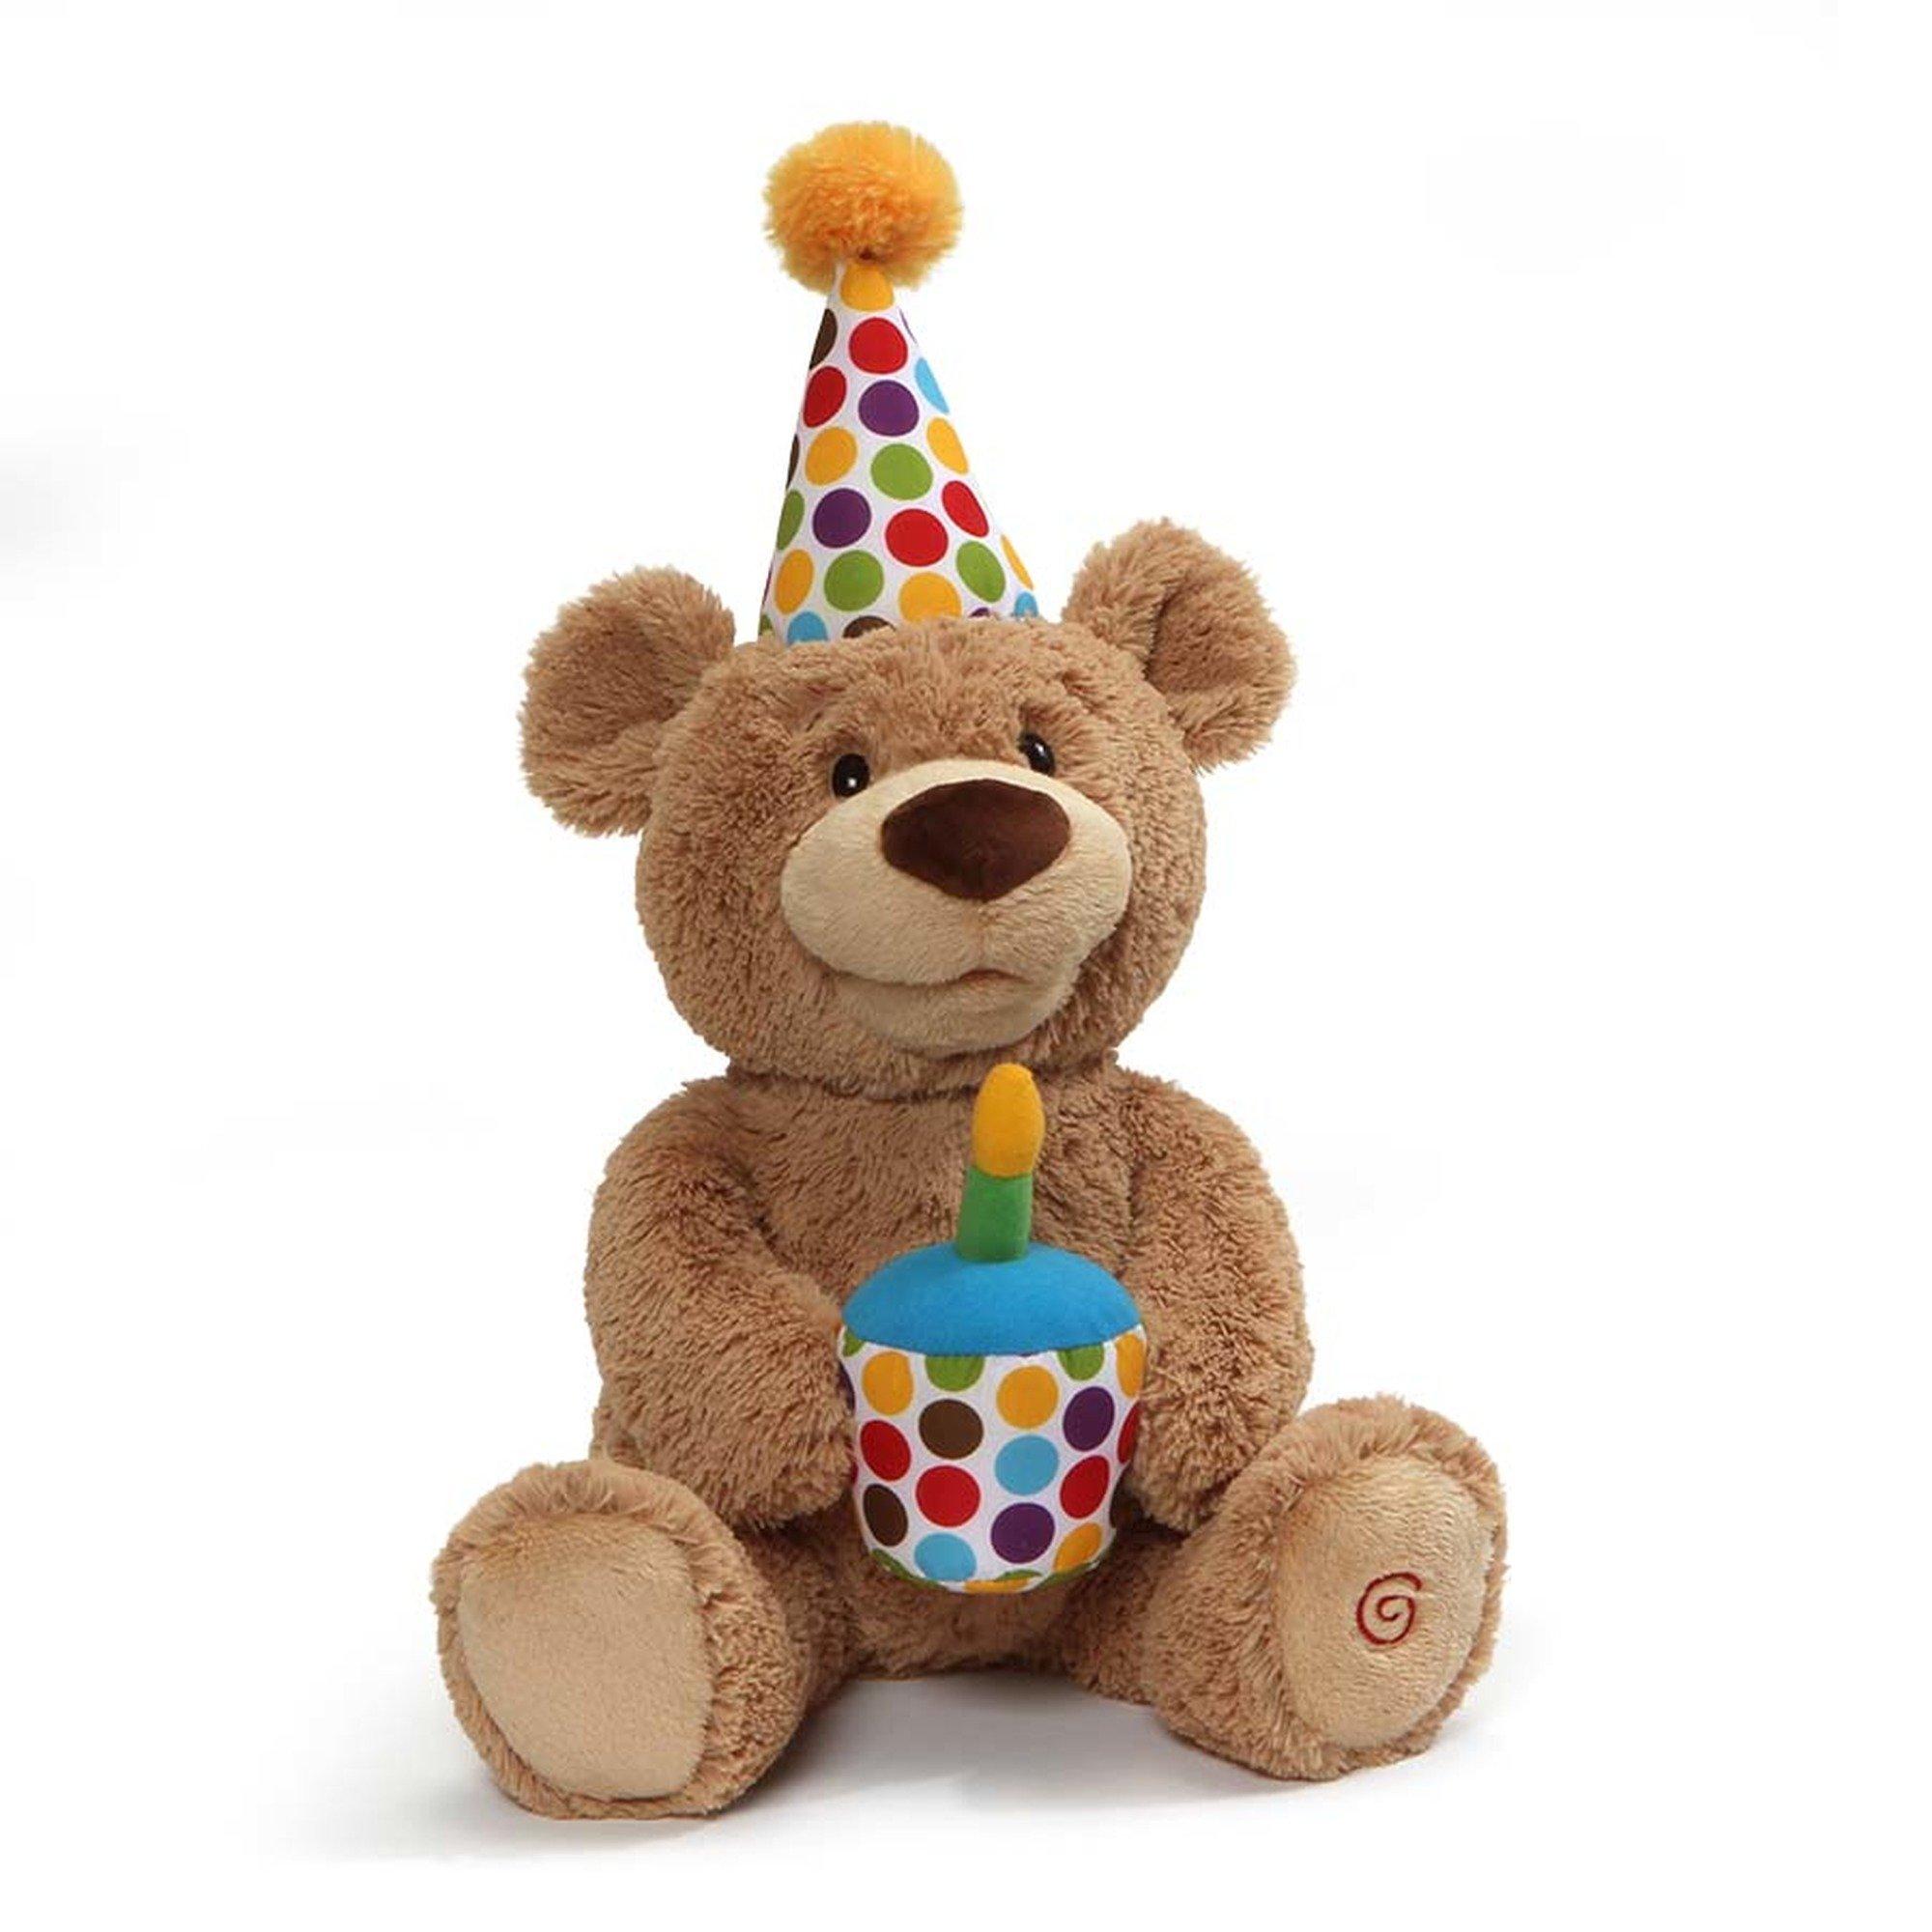 GUND Animated Happy Birthday Teddy Bear Stuffed Animal Plush, 10'' by GUND